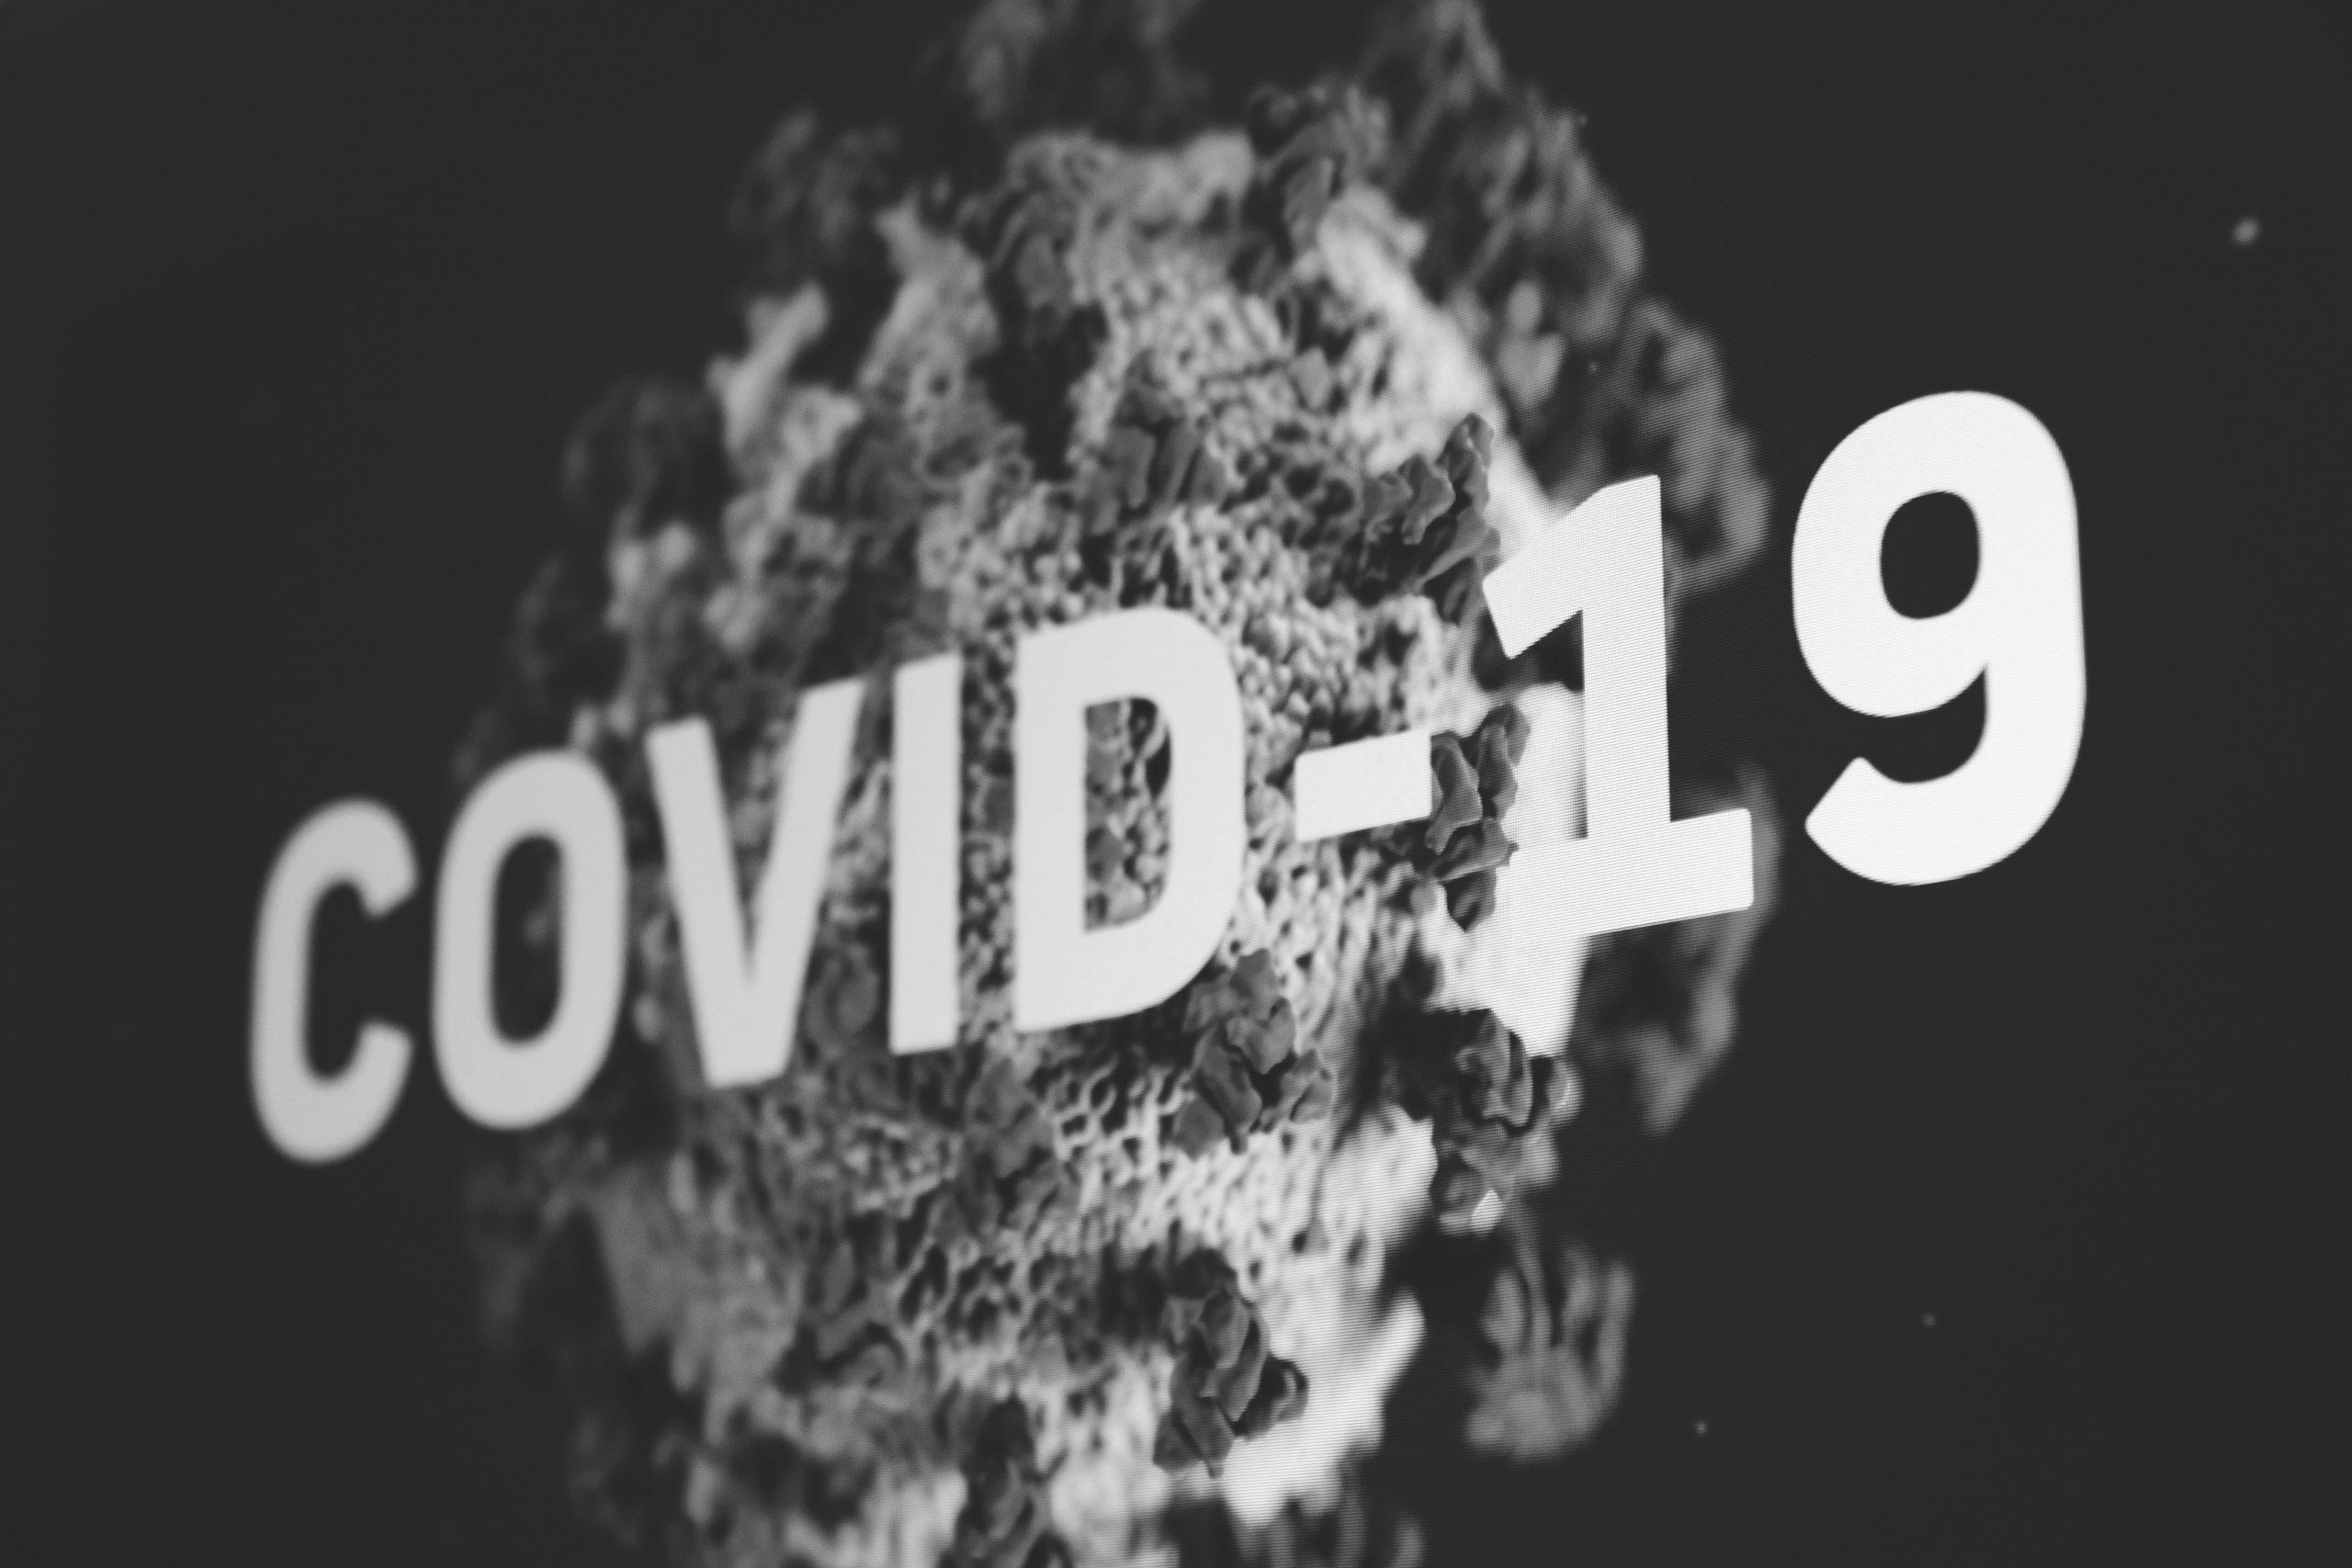 BijCas covid 19